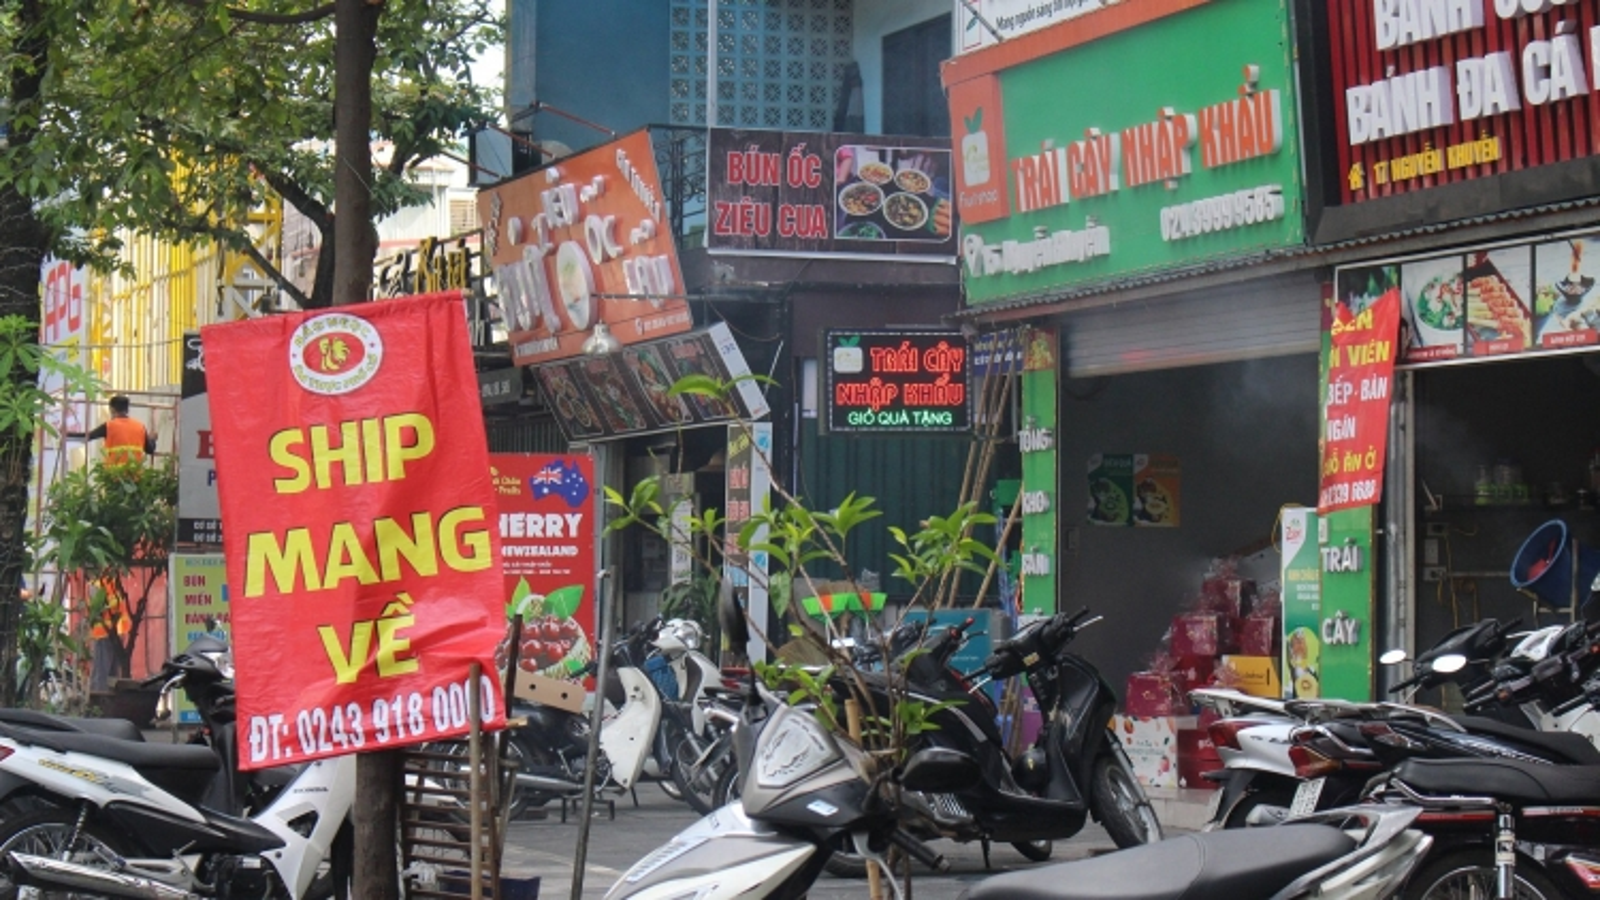 """Nhà hàng, quán ăn ở Hà Nội chấp hành """"bán mang về"""""""